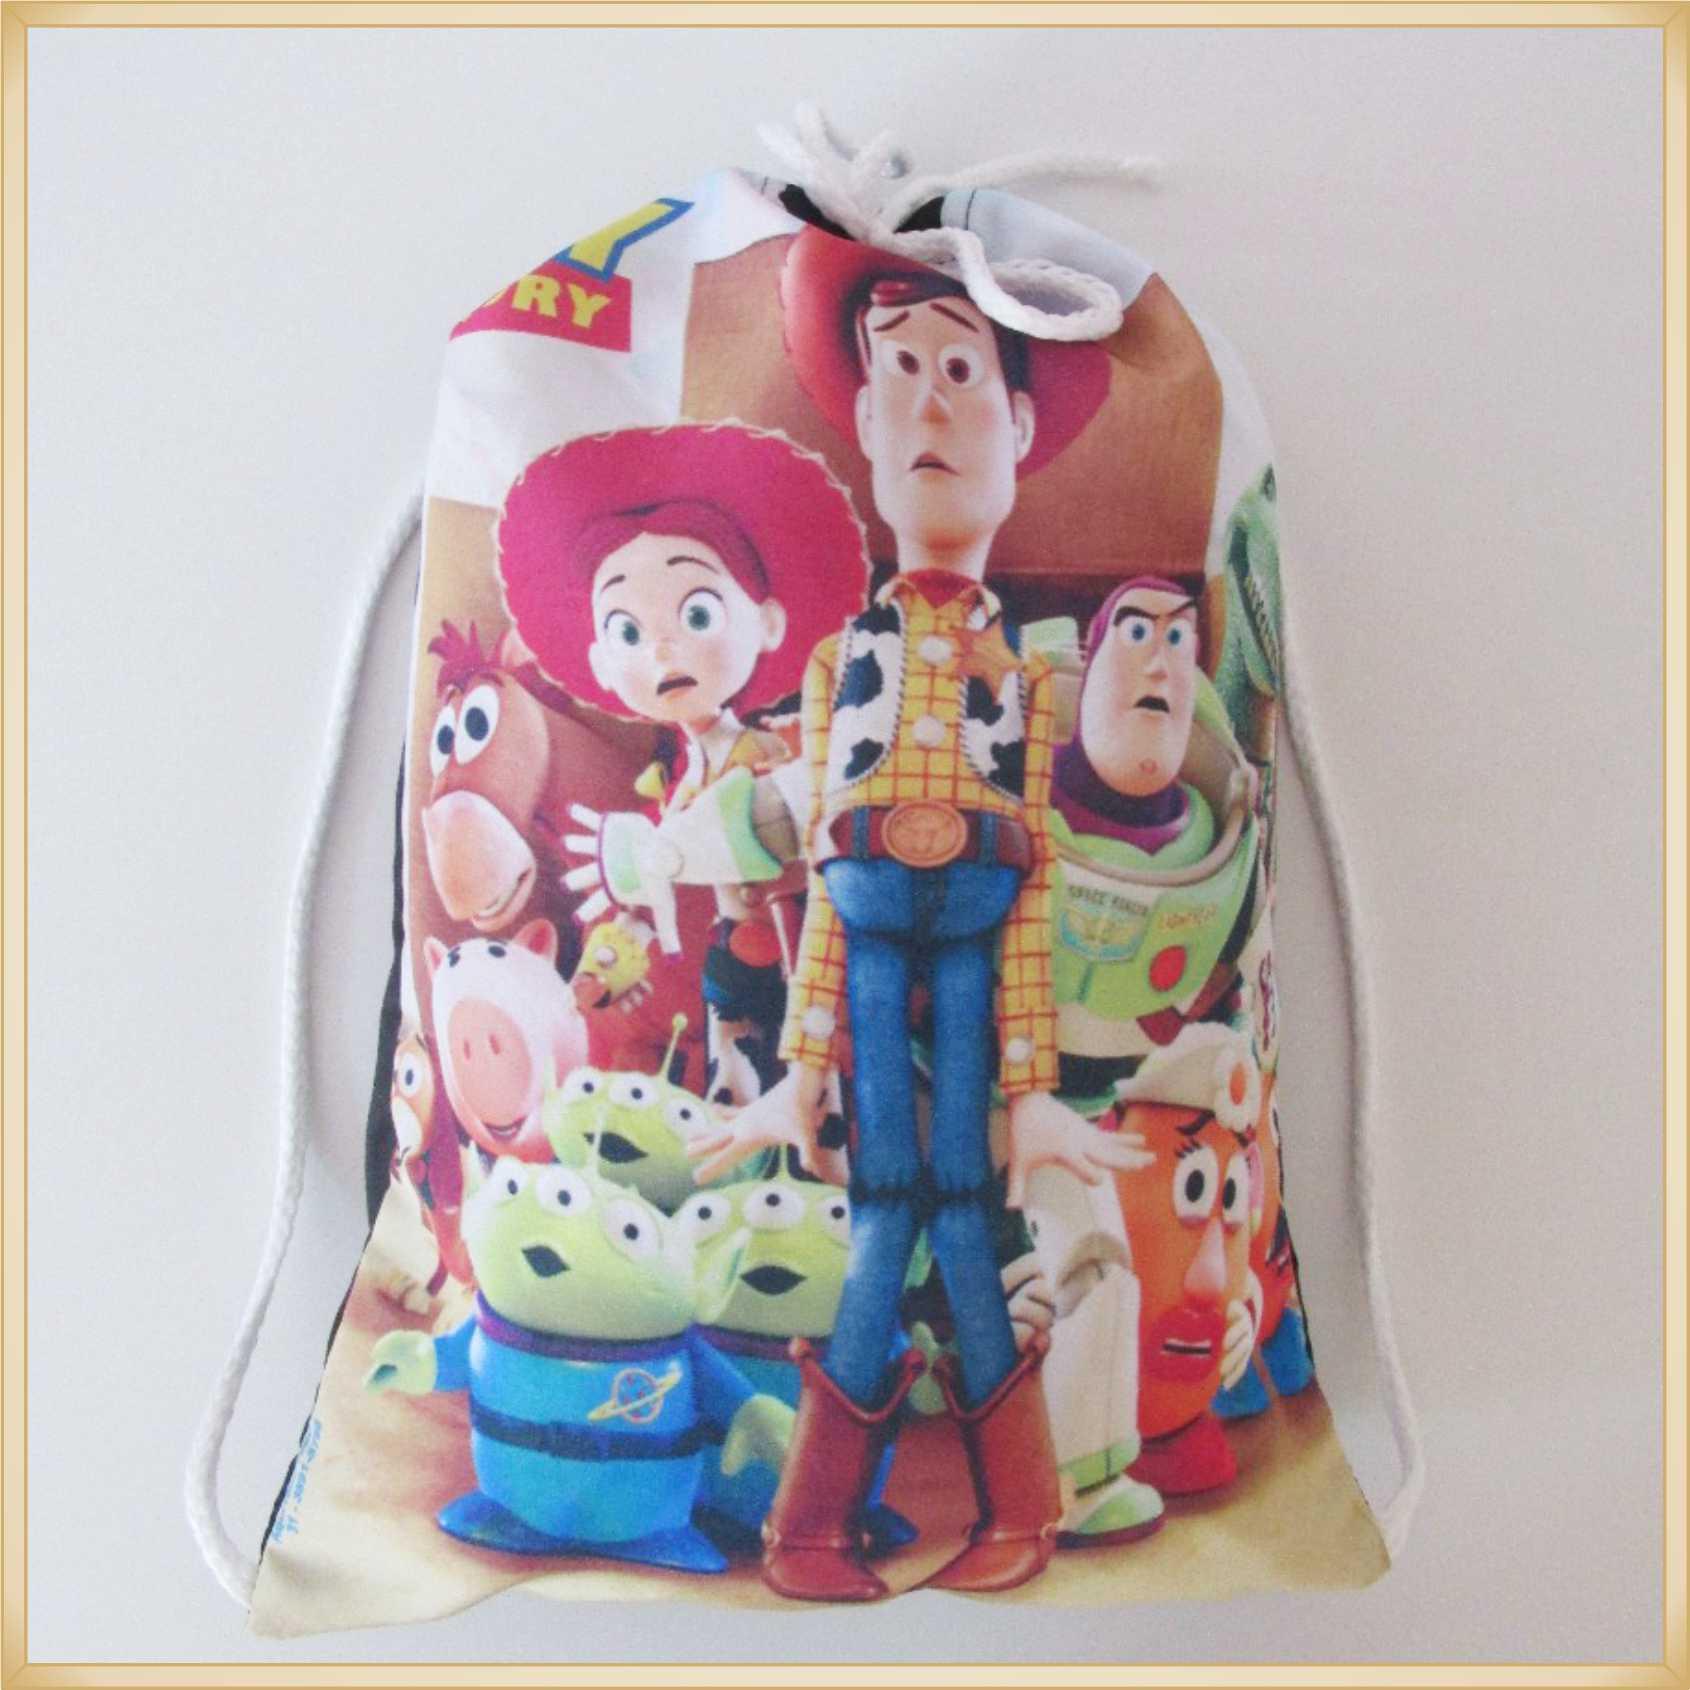 Mochilinhas Personalizadas para Lembrancinhas de Aniversário Infantil Brindes para crianças - Kit com 15 unidades